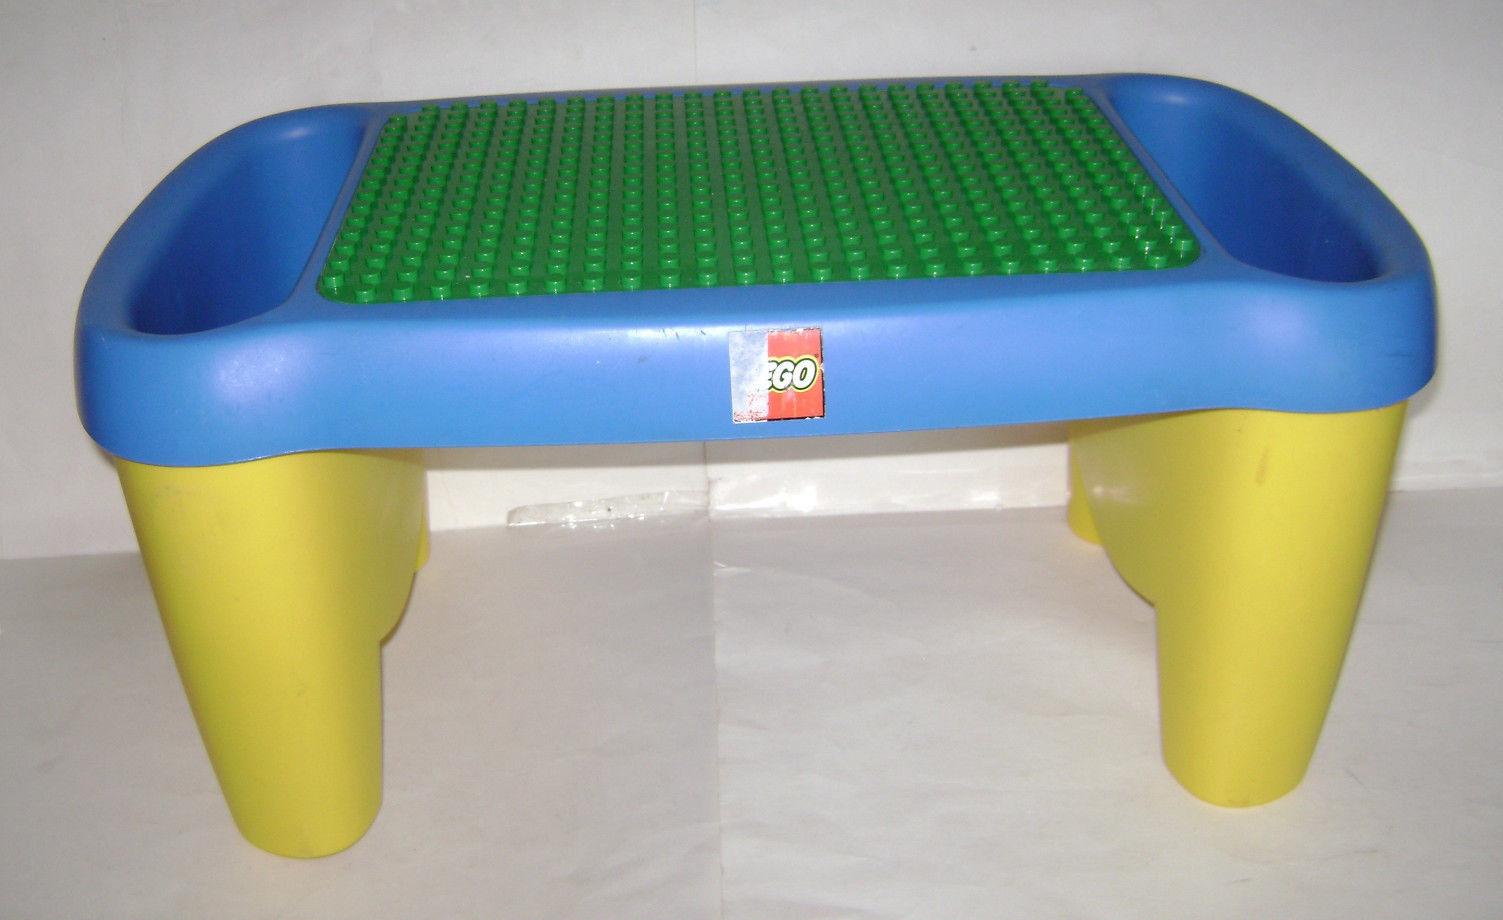 LEGO DUPLO Lap table Building Top avec rangeHommest  et bacs VERT PLAQUE très rare  vous rendre satisfait